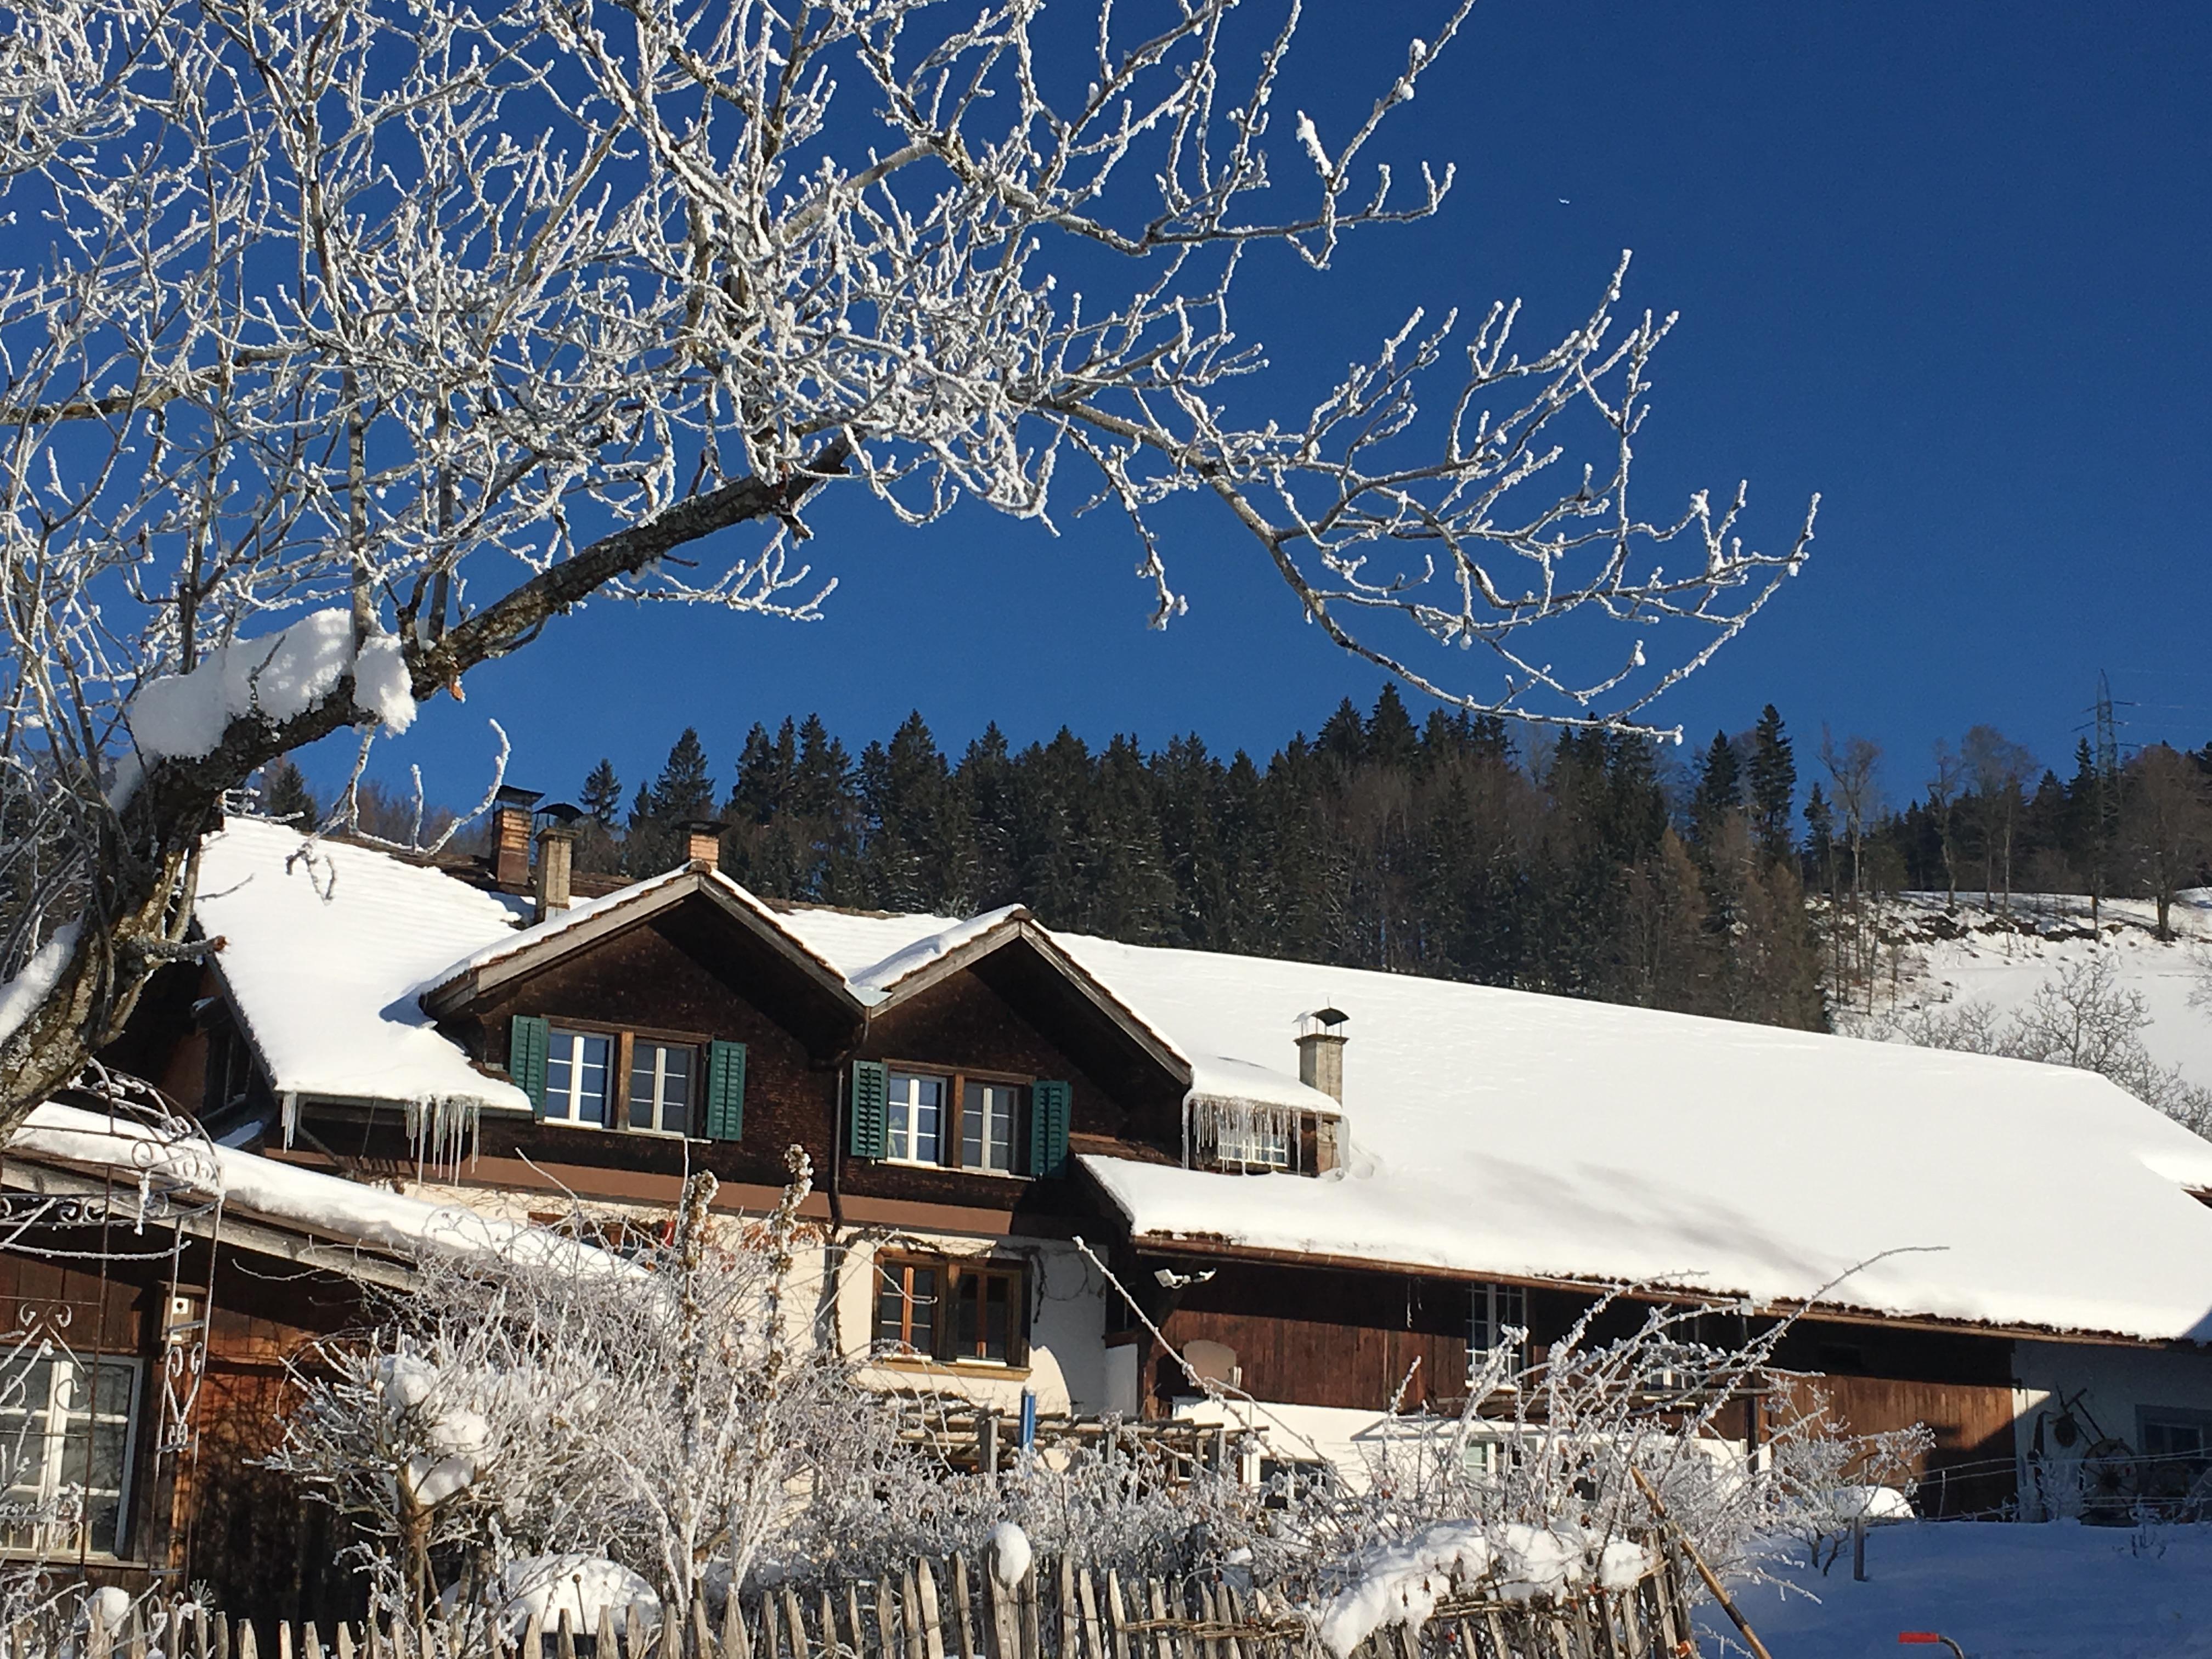 Wohnhaus im Schneemantel